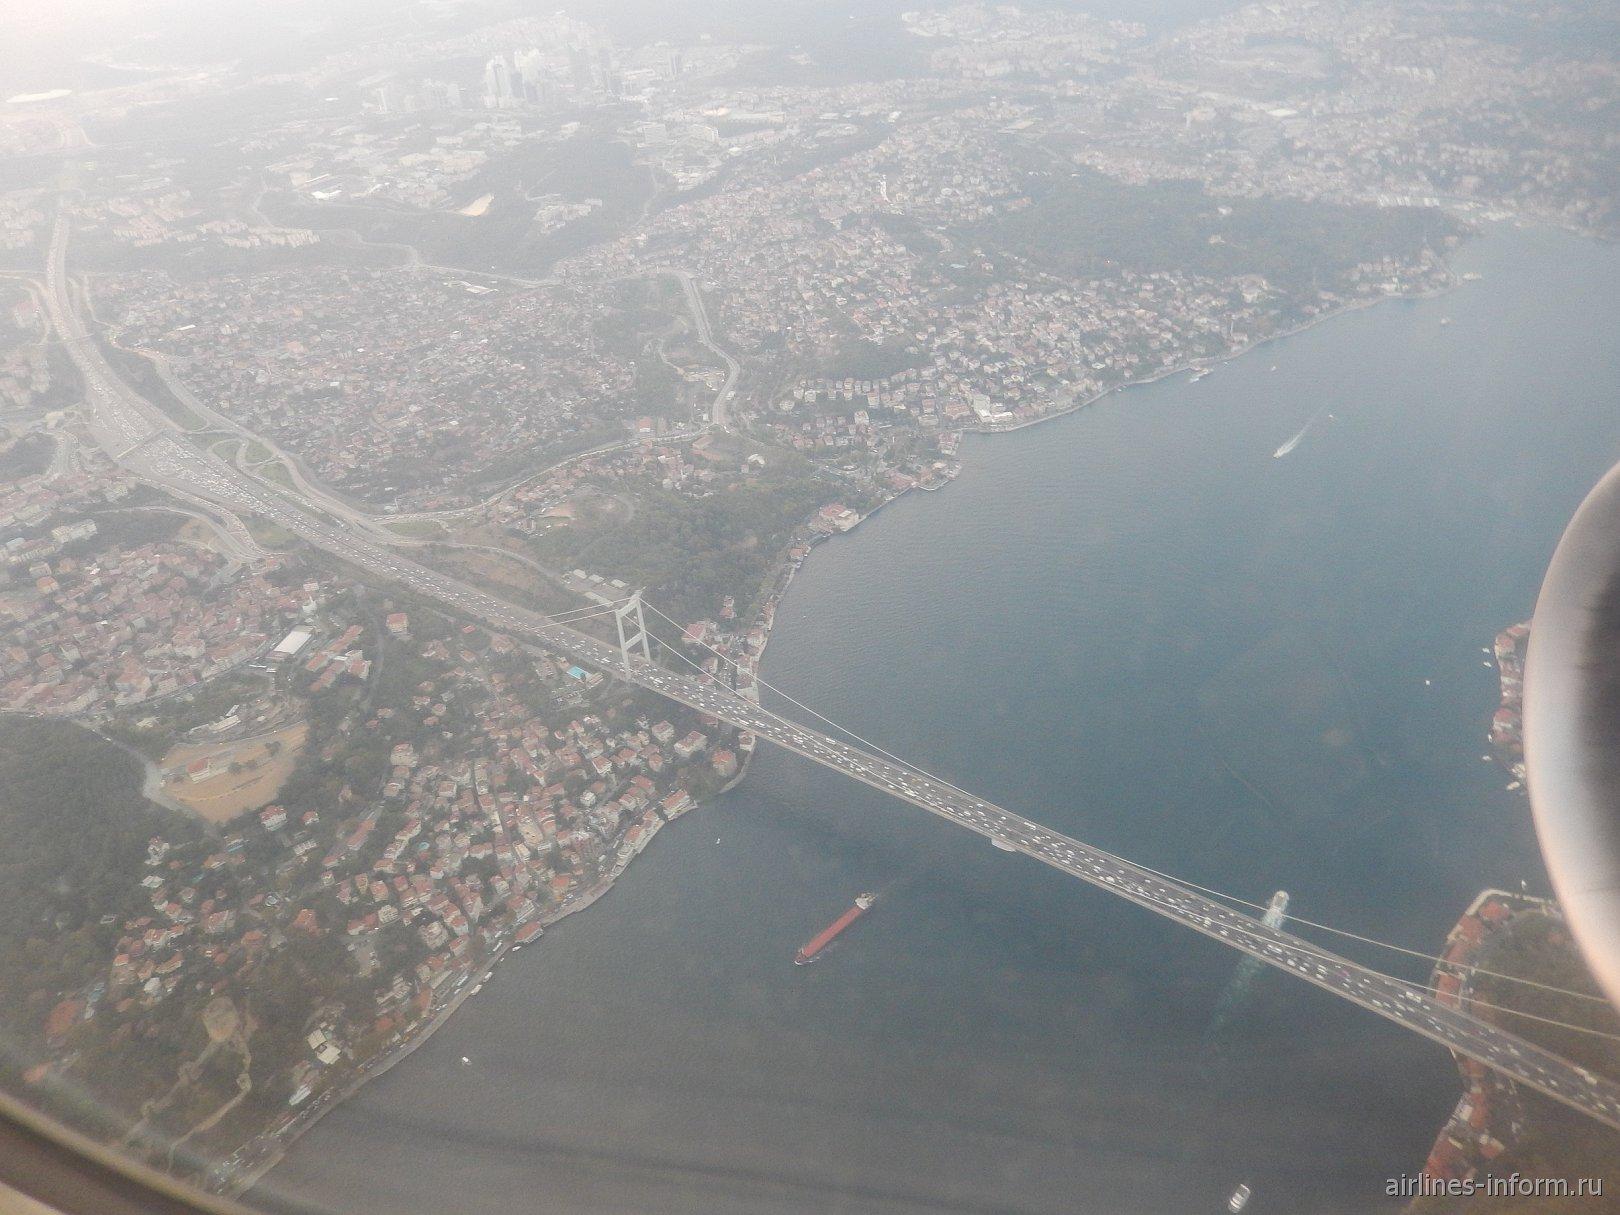 Мост над проливом Босфор